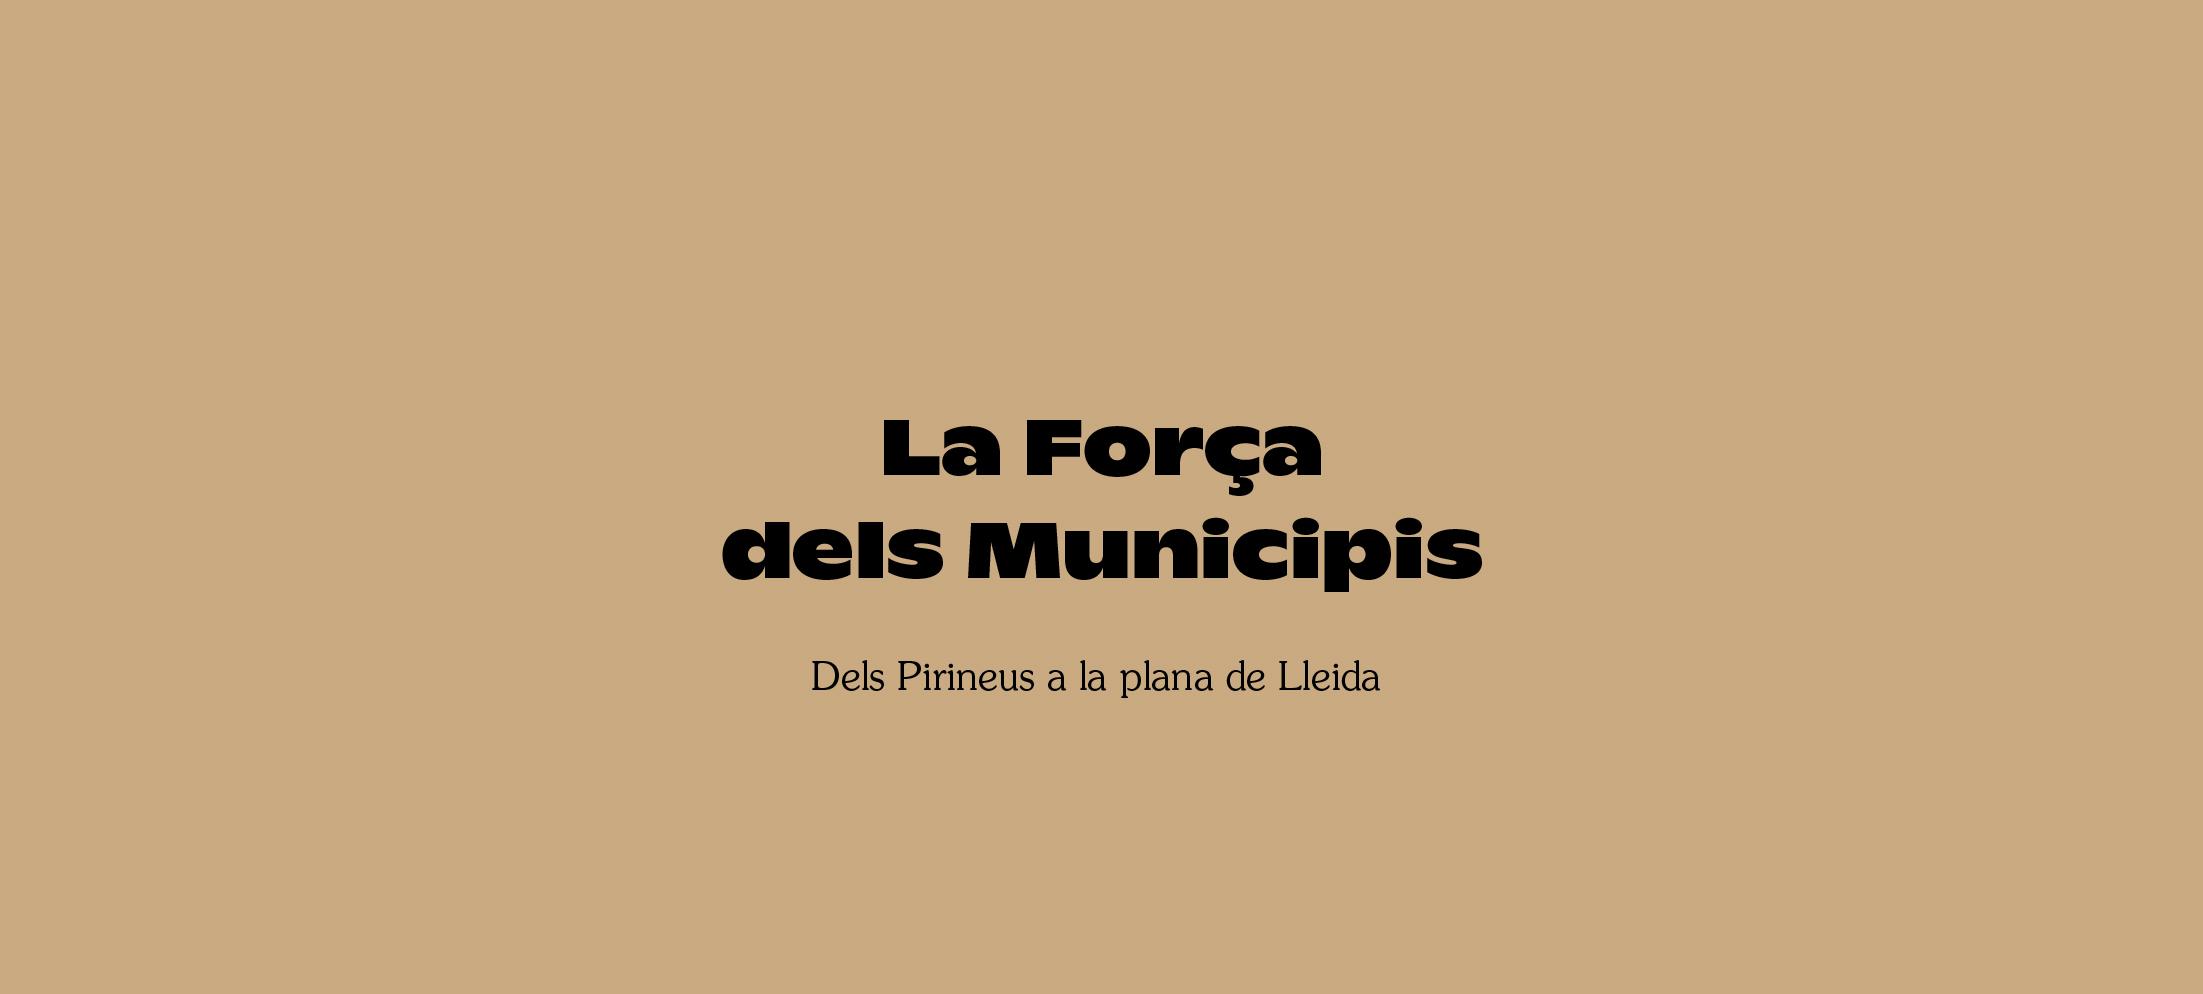 Diputació-de-Lleida_La-Forca-dels-Municipis_2021_Campaign_Latipo-1